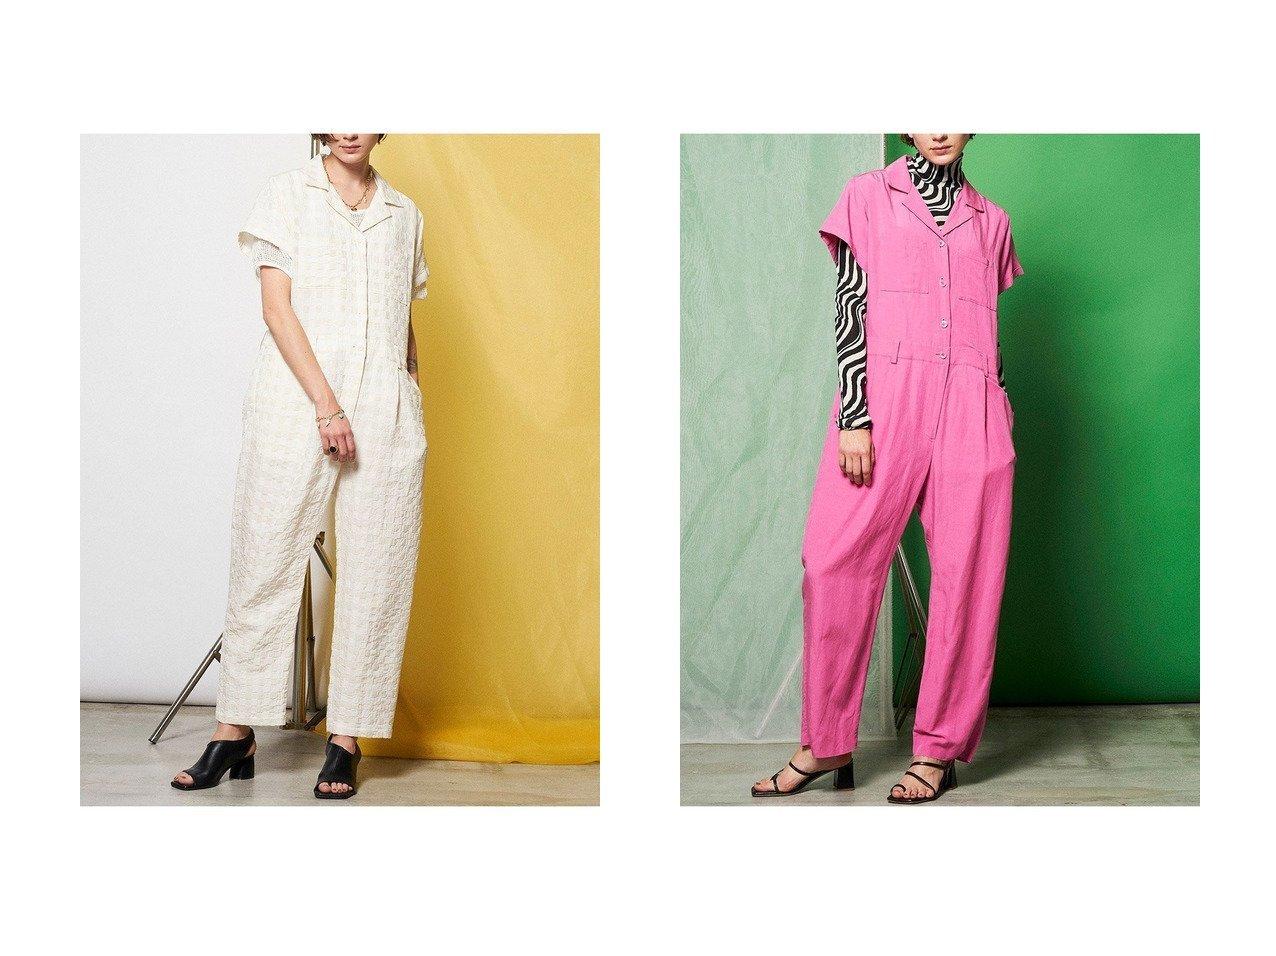 【MAISON SPECIAL/メゾンスペシャル】のチェッカーバックオープンオールインワン&バックオープンオールインワン 【ワンピース・ドレス】おすすめ!人気、トレンド・レディースファッションの通販 おすすめで人気の流行・トレンド、ファッションの通販商品 インテリア・家具・メンズファッション・キッズファッション・レディースファッション・服の通販 founy(ファニー) https://founy.com/ ファッション Fashion レディースファッション WOMEN パンツ Pants バッグ Bag リネン リラックス 夏 Summer |ID:crp329100000048696